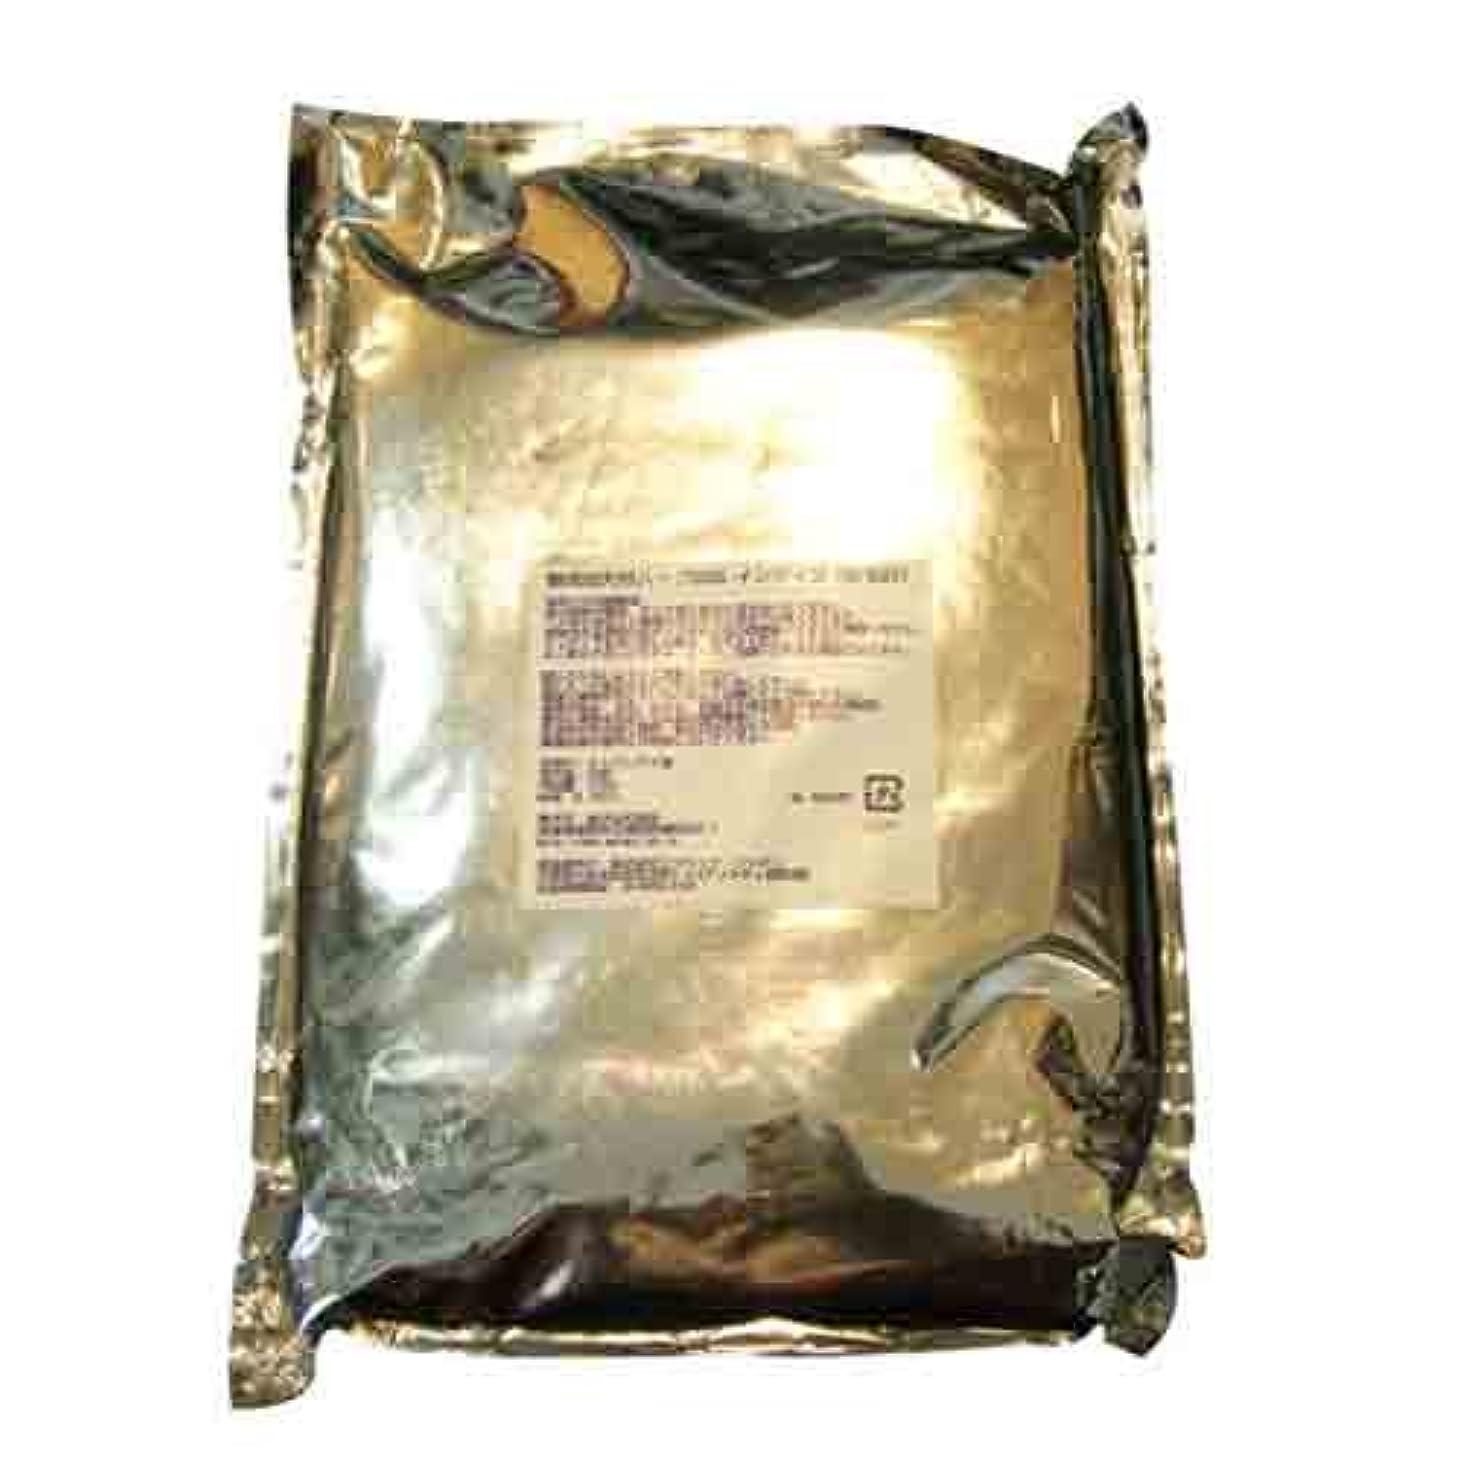 スリラー樹皮プット完全無農薬 100% インディゴ DM便送料無料 (1000g(1kg))